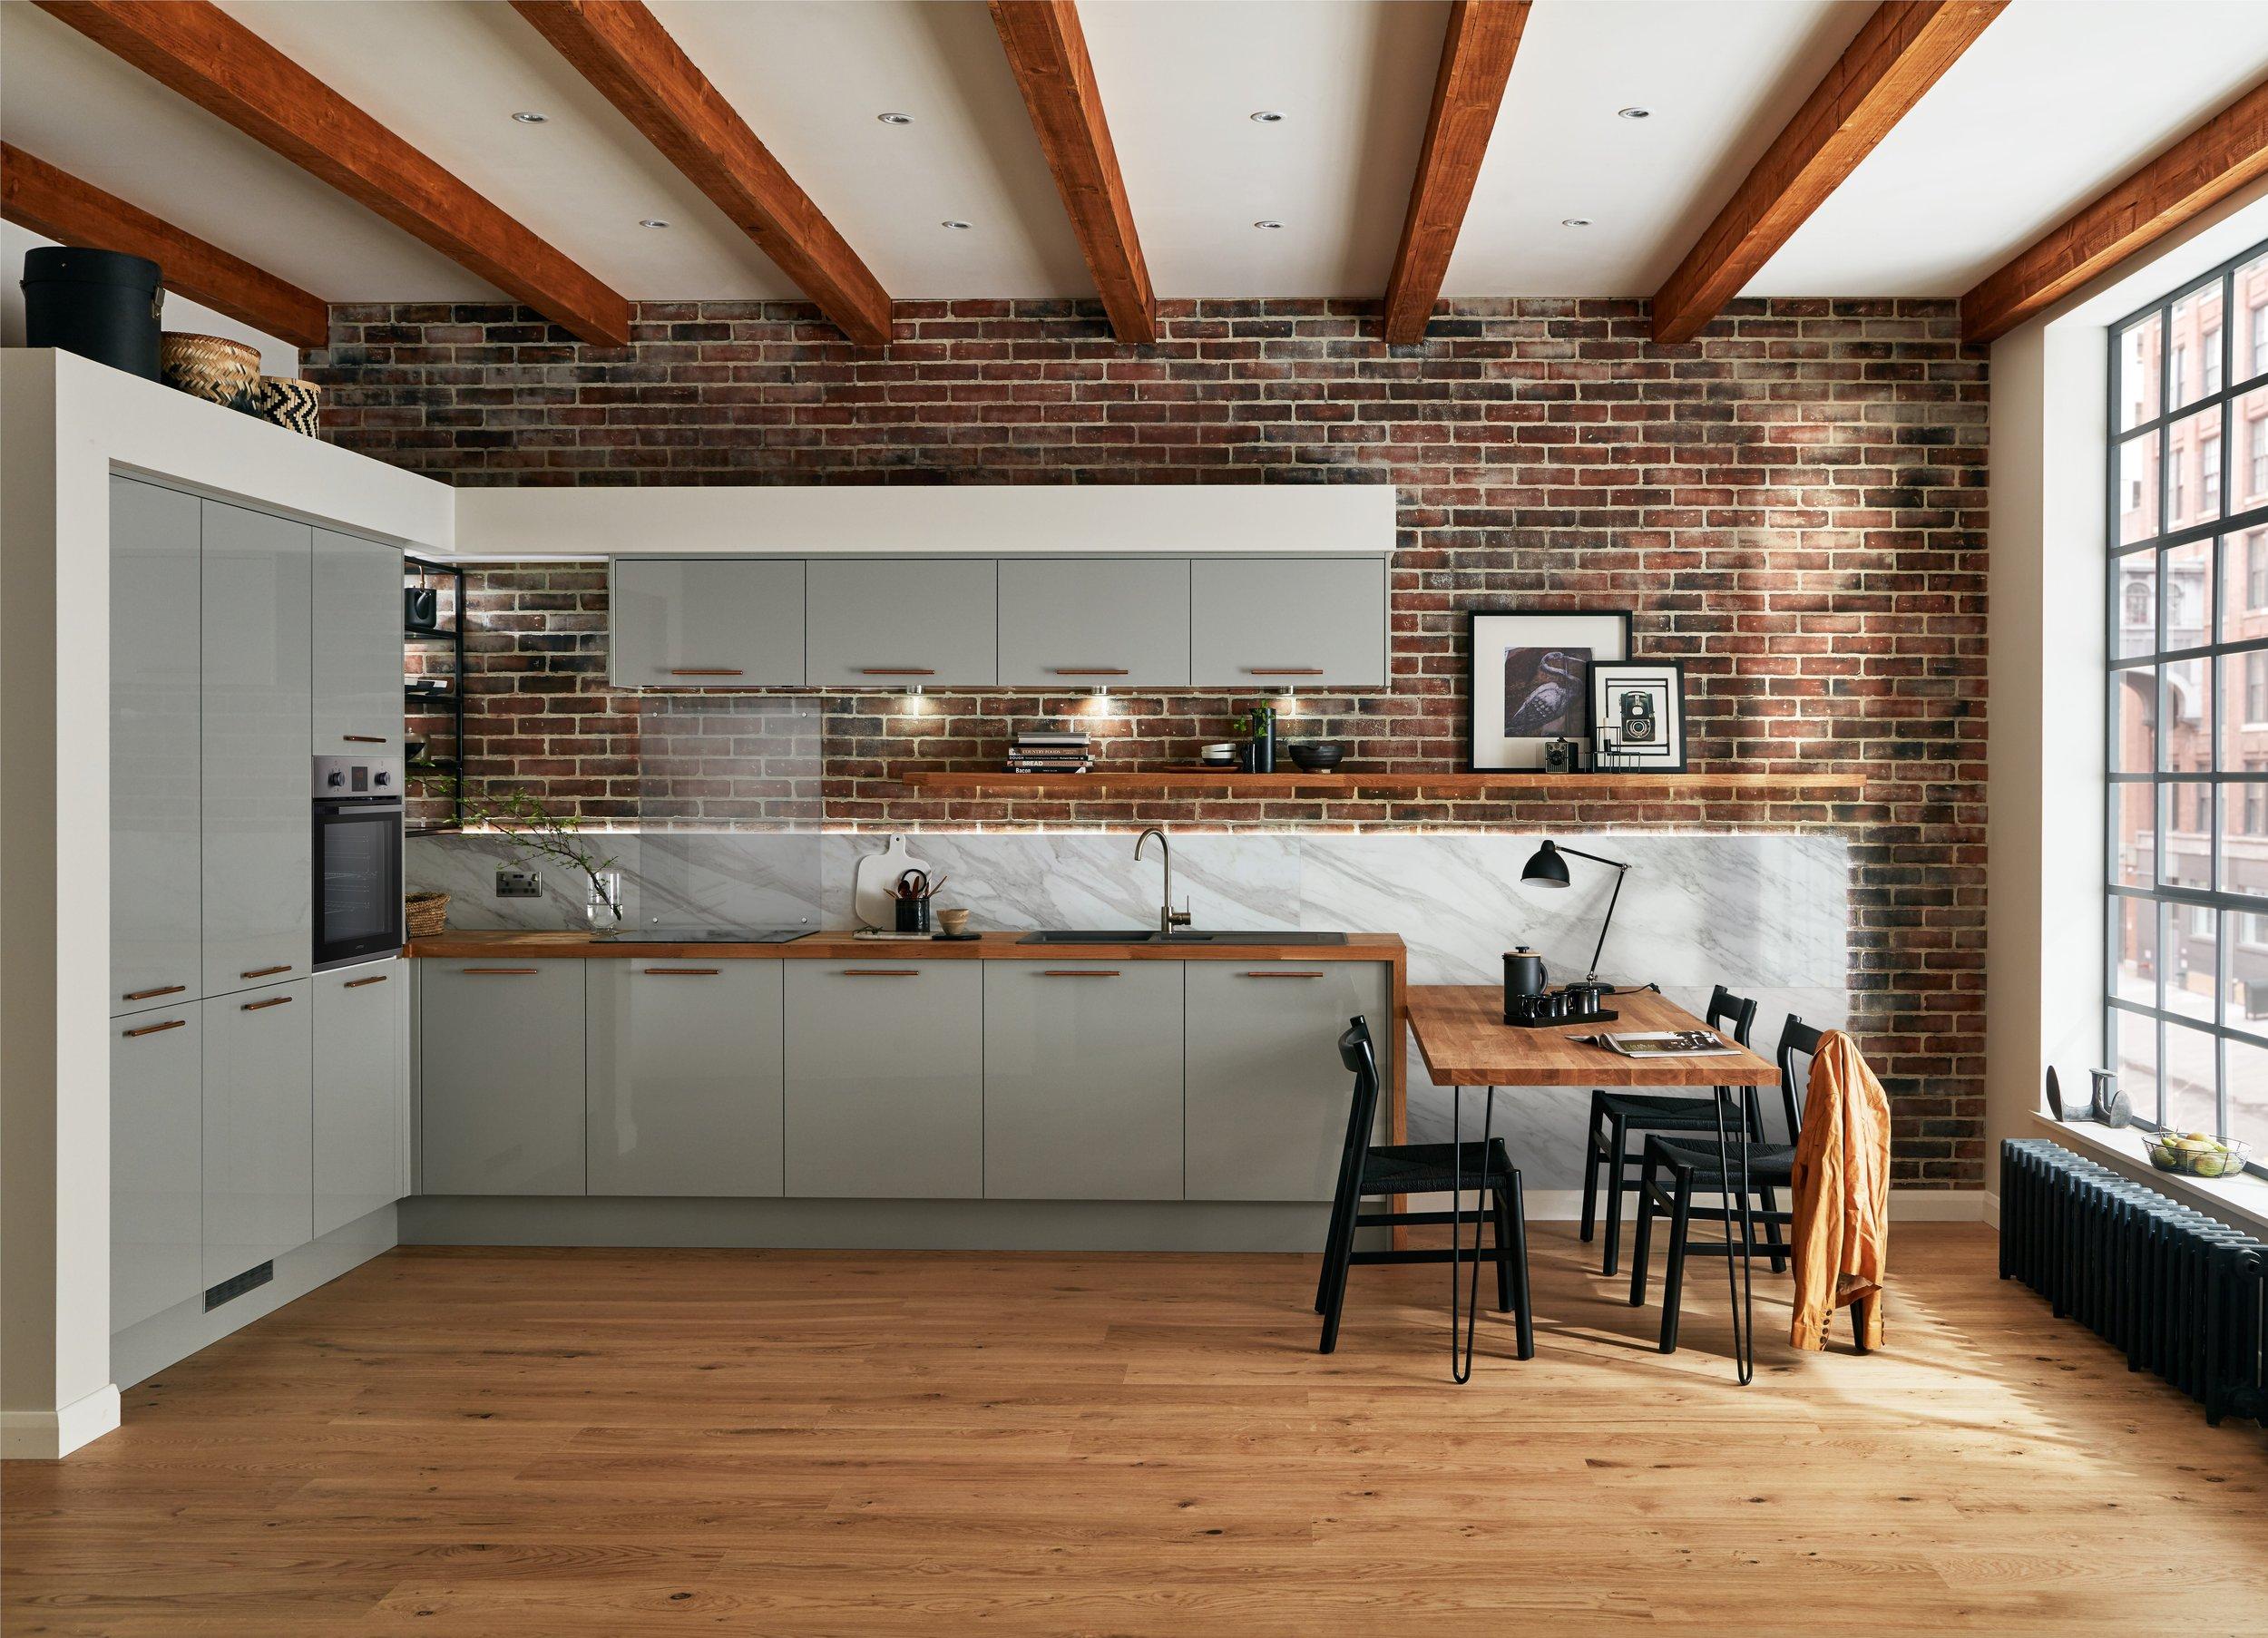 This kitchen is the Glendevon kitchen range by Howdens